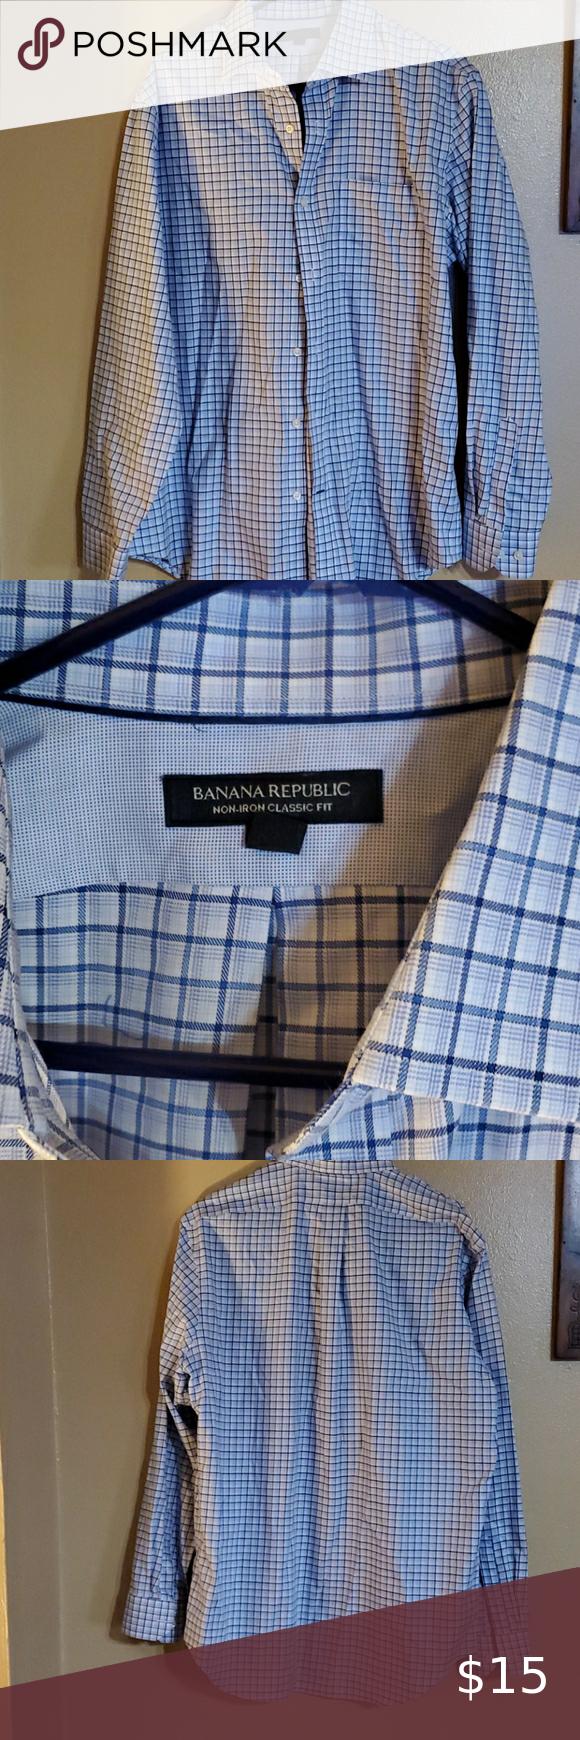 Banana republic button down